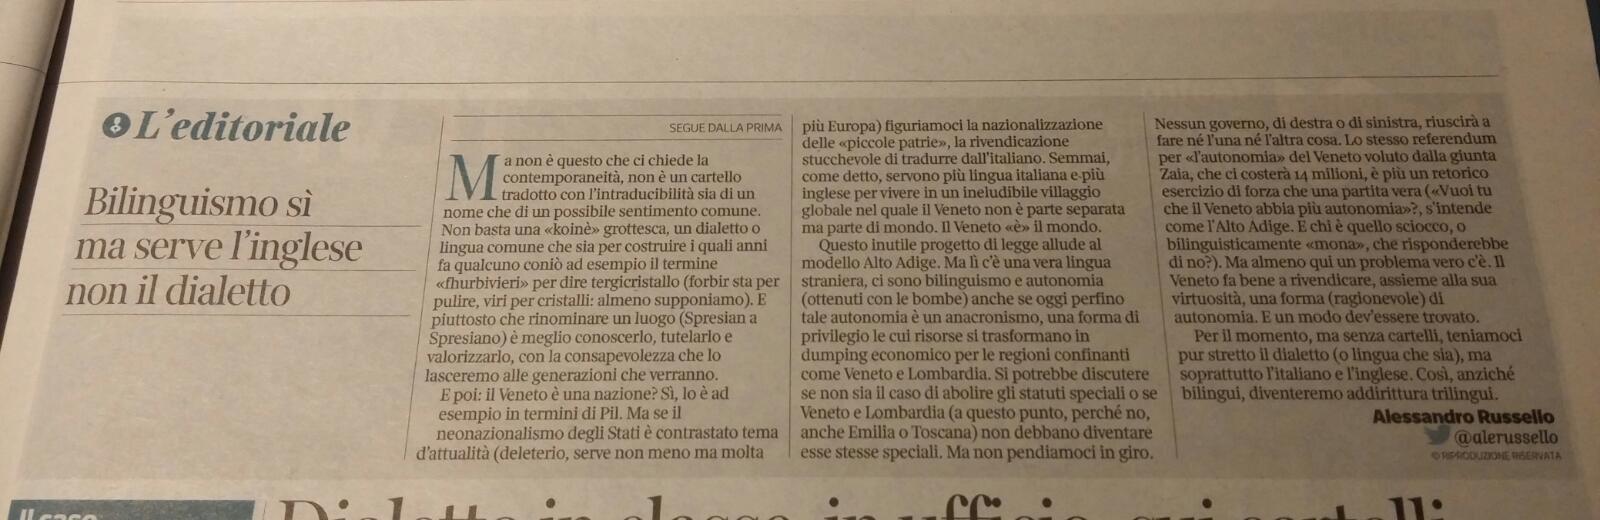 corriere2016nov18-2